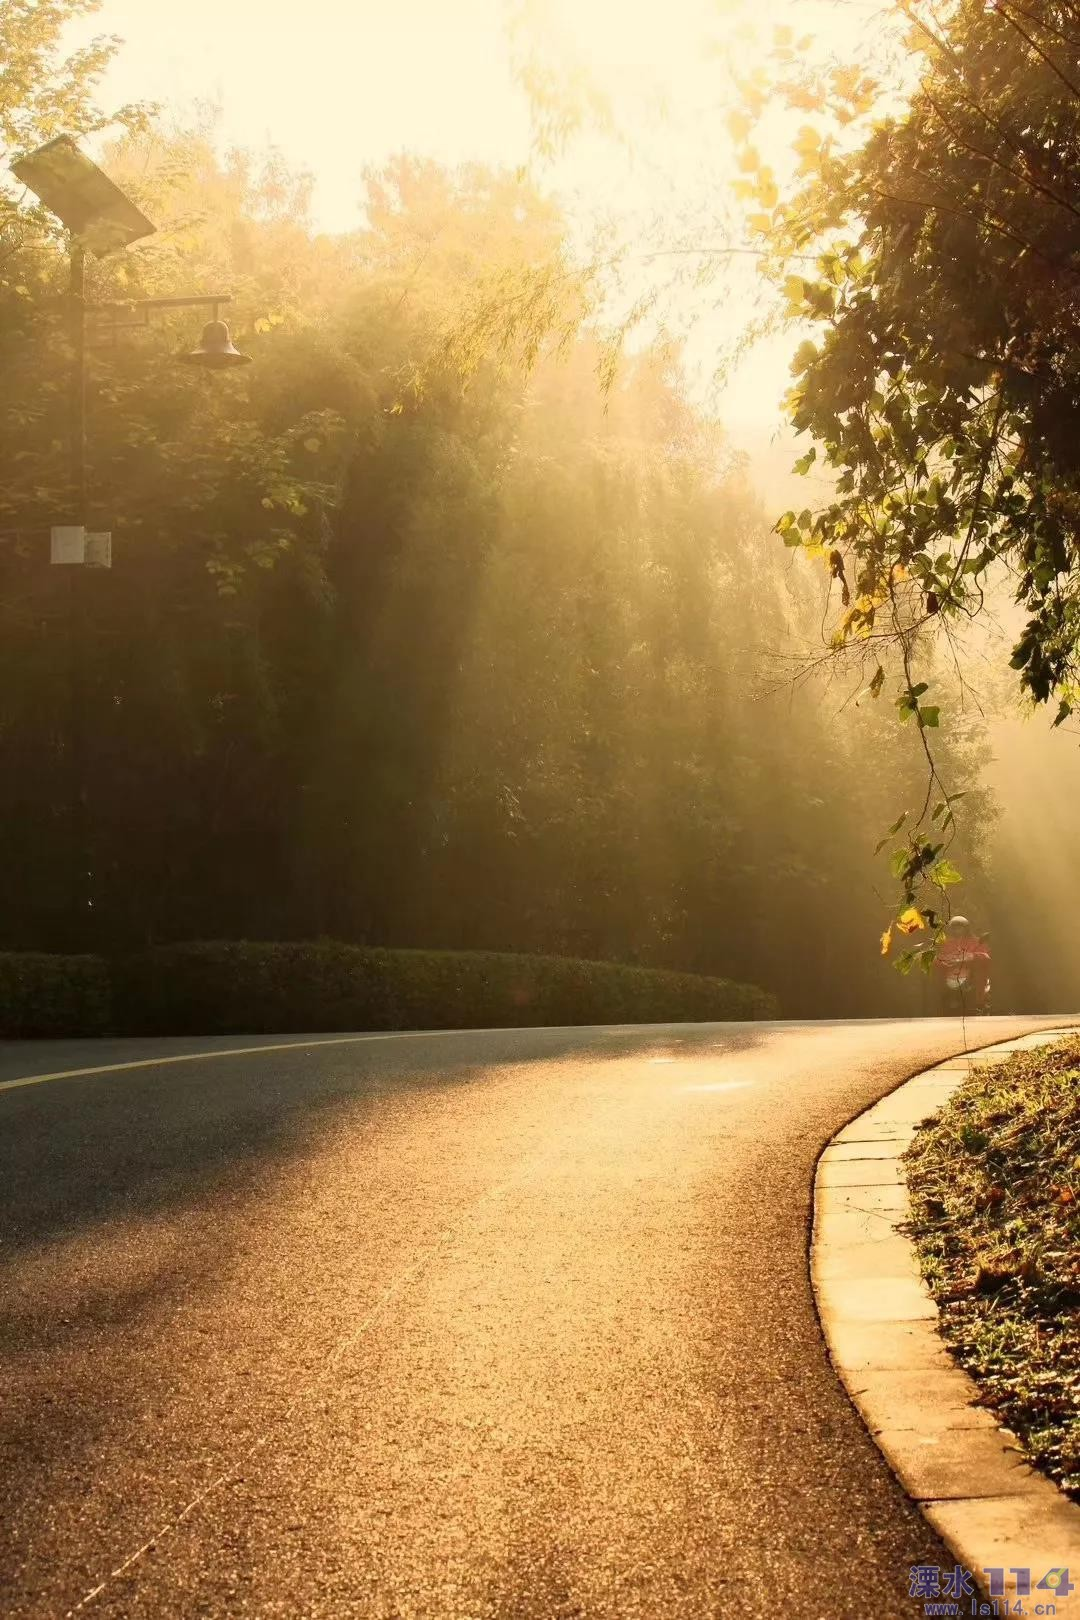 一年中最迷人的季节到了!重阳来这里登高赏秋!